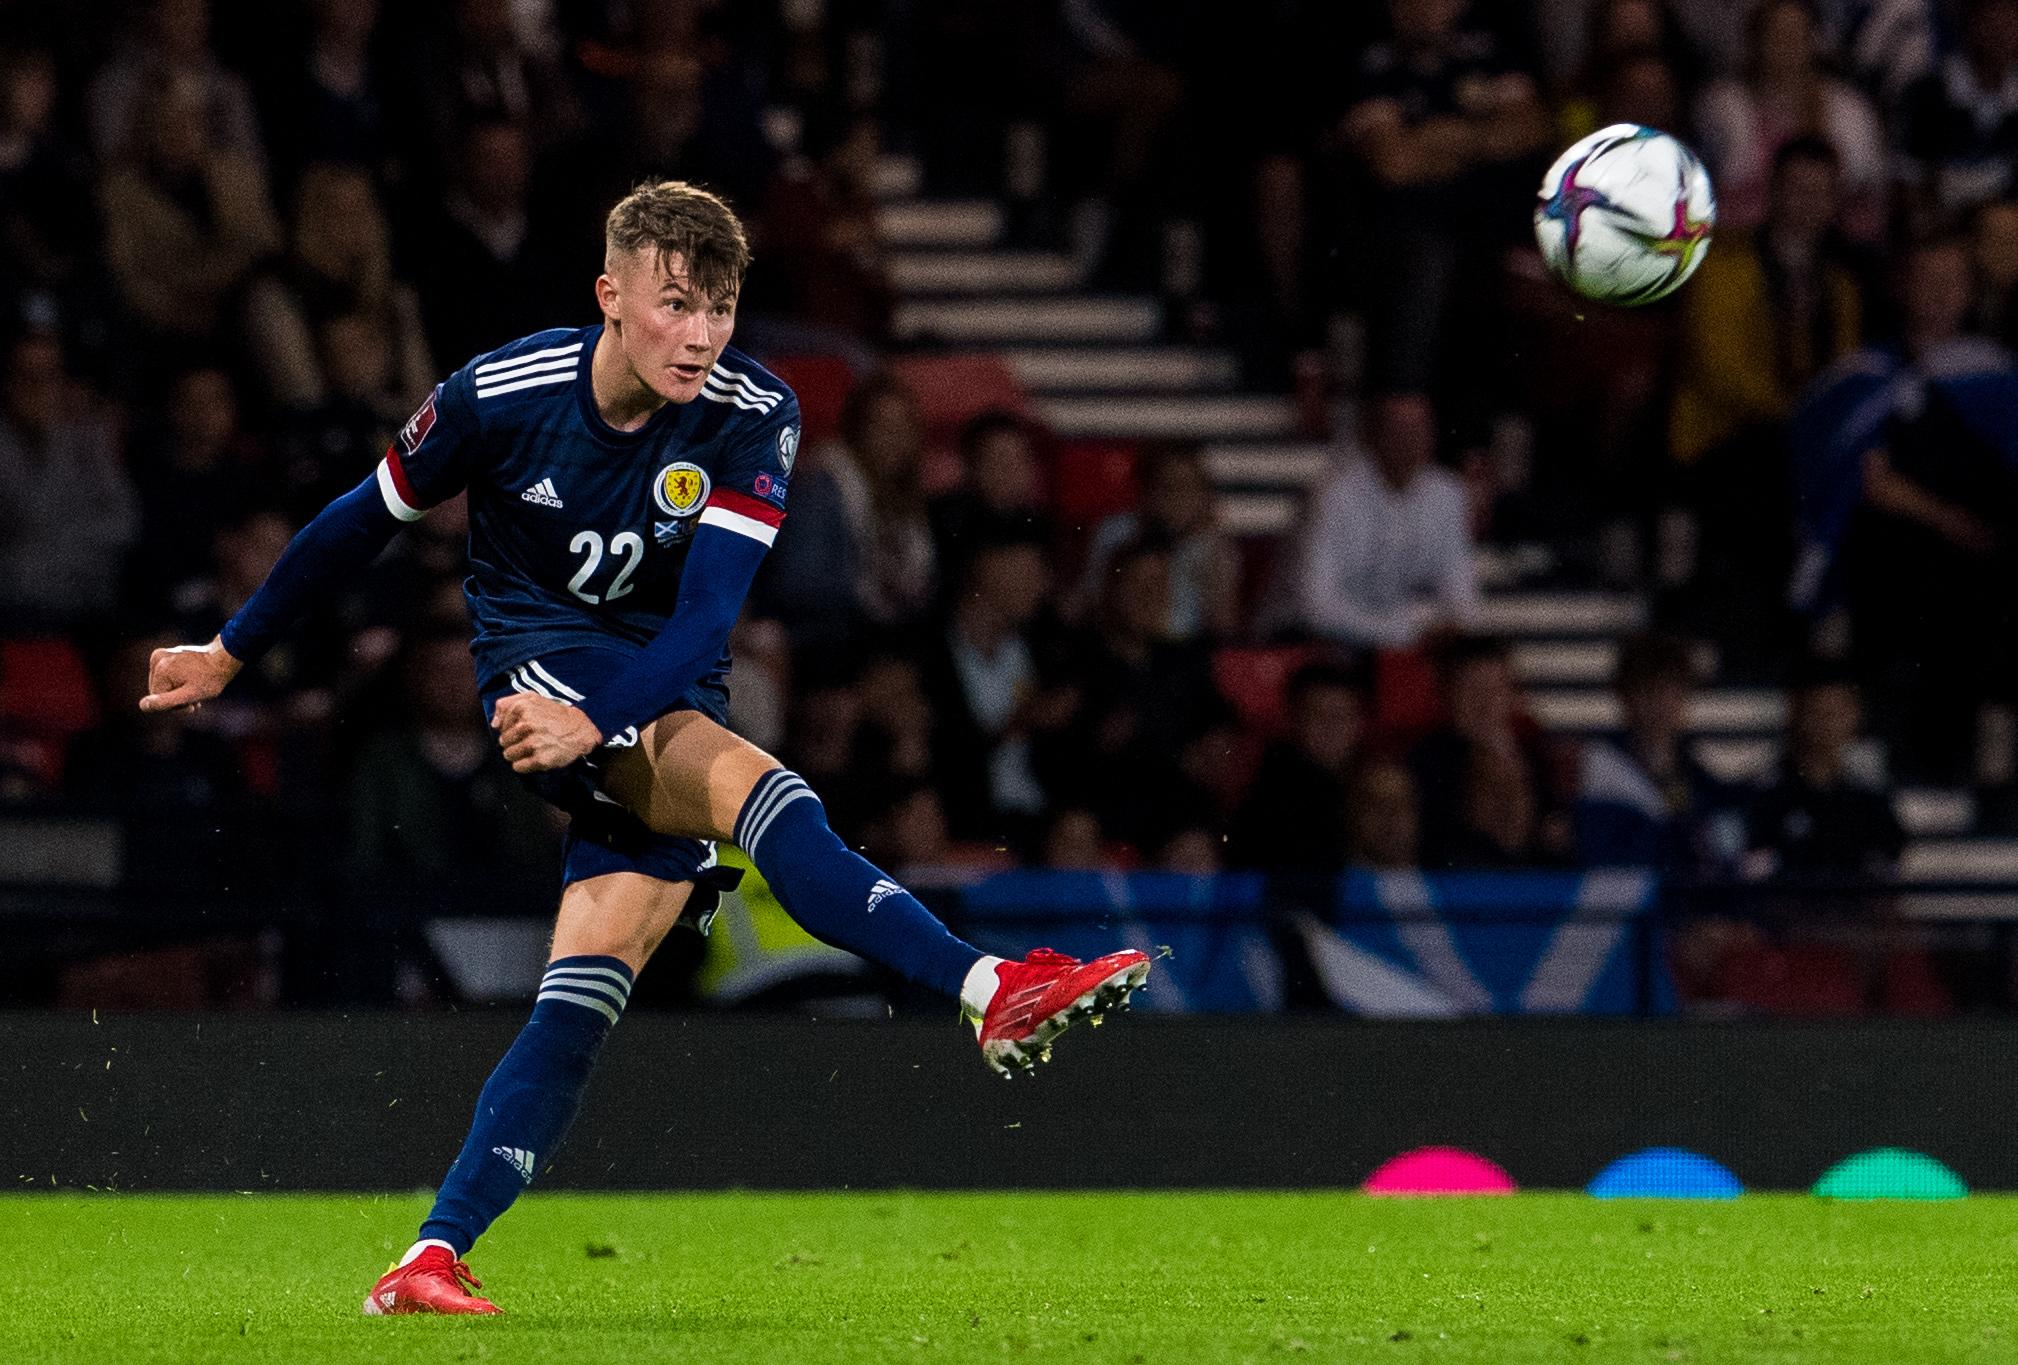 Legenda Rangers membuang label 'prospek' Nathan Patterson setelah Skotlandia membantu dalam kemenangan penting Qatar 2022